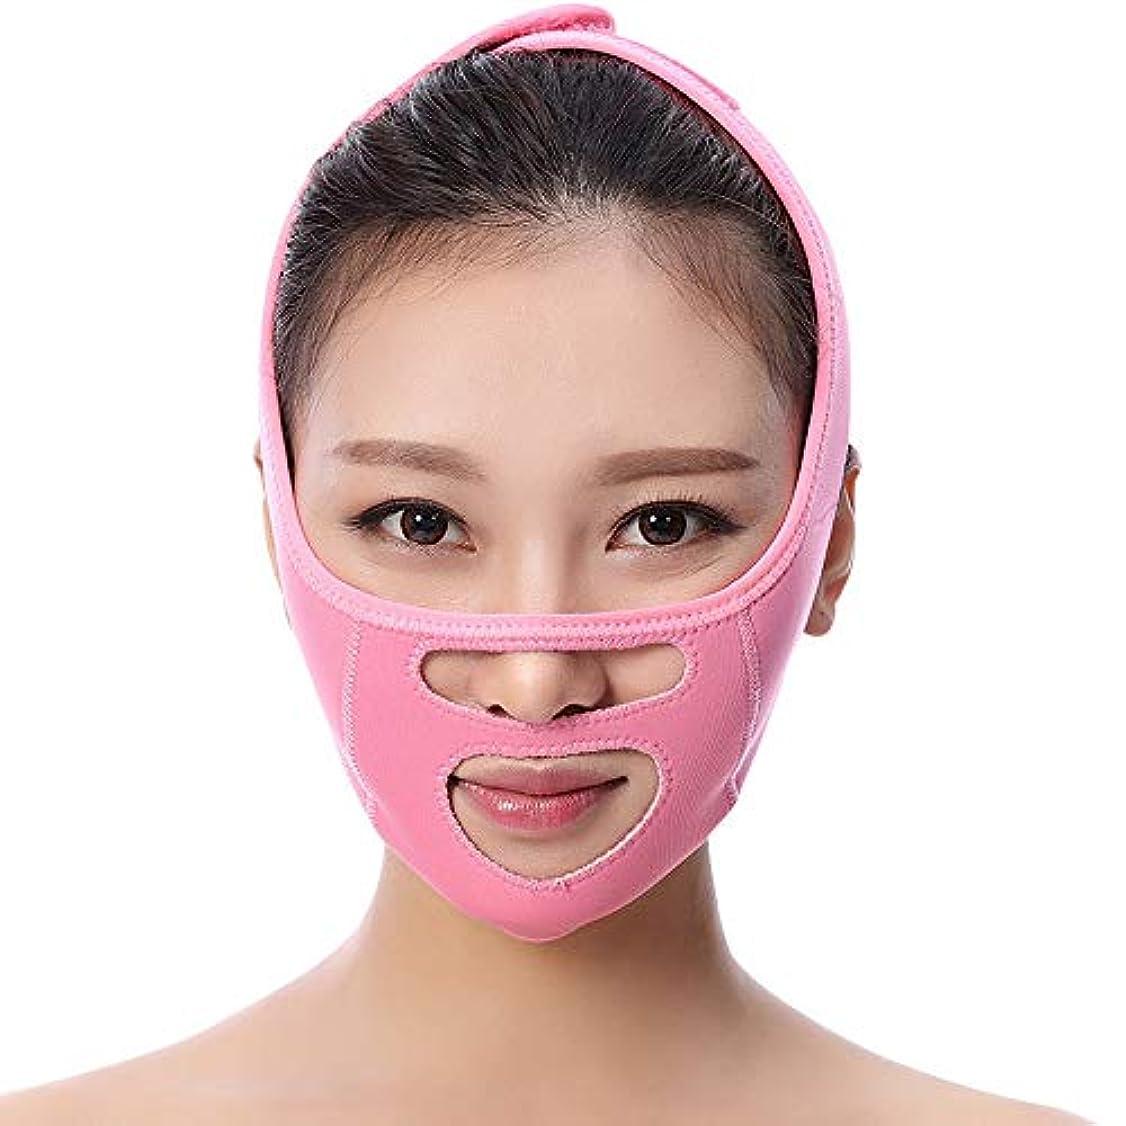 フェイスリフトマスク、睡眠薄型フェイスベルトリフティングパーマネントビューティーvフェイスバンデージダブルチンアーチファクト,Pink